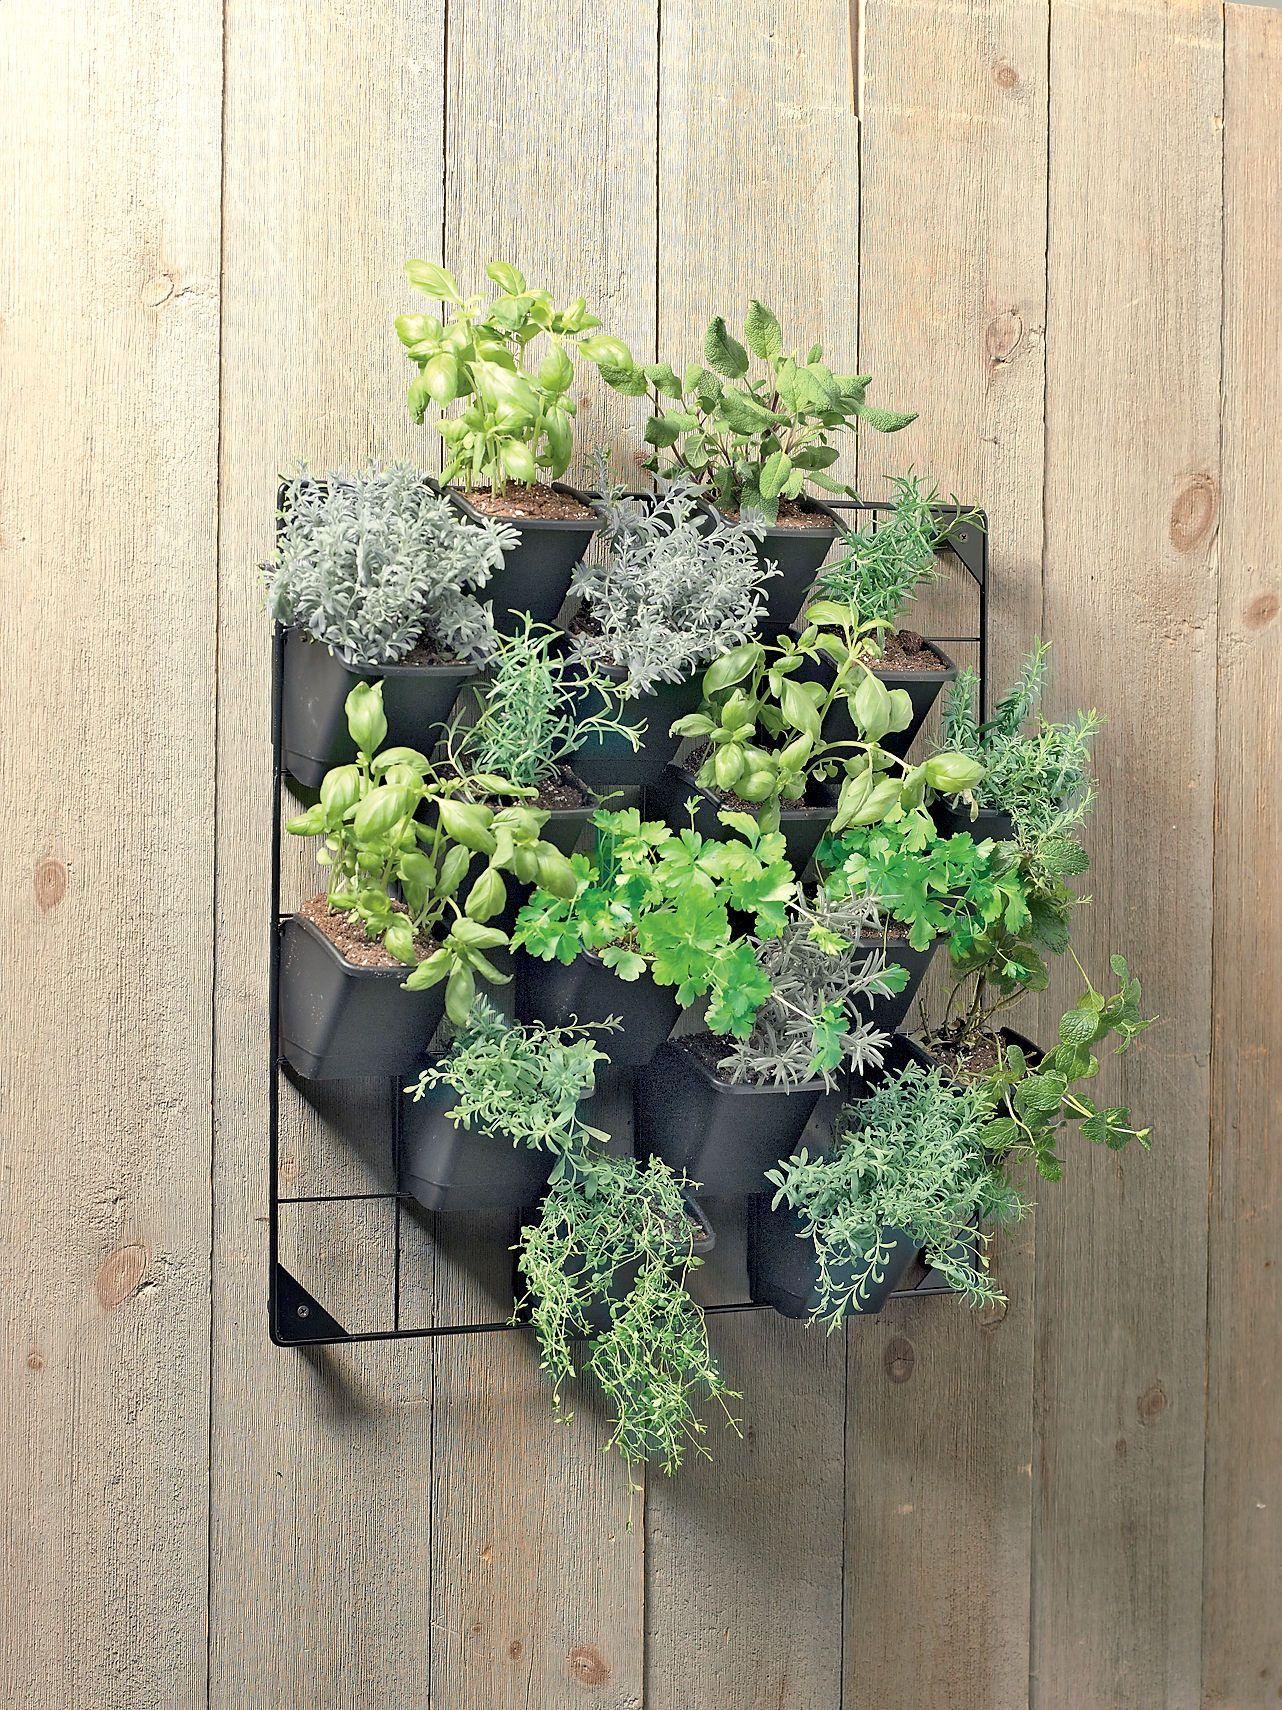 Vertical Fence Or Wall Planters Kit Indoor Outdoor Gardeners Com